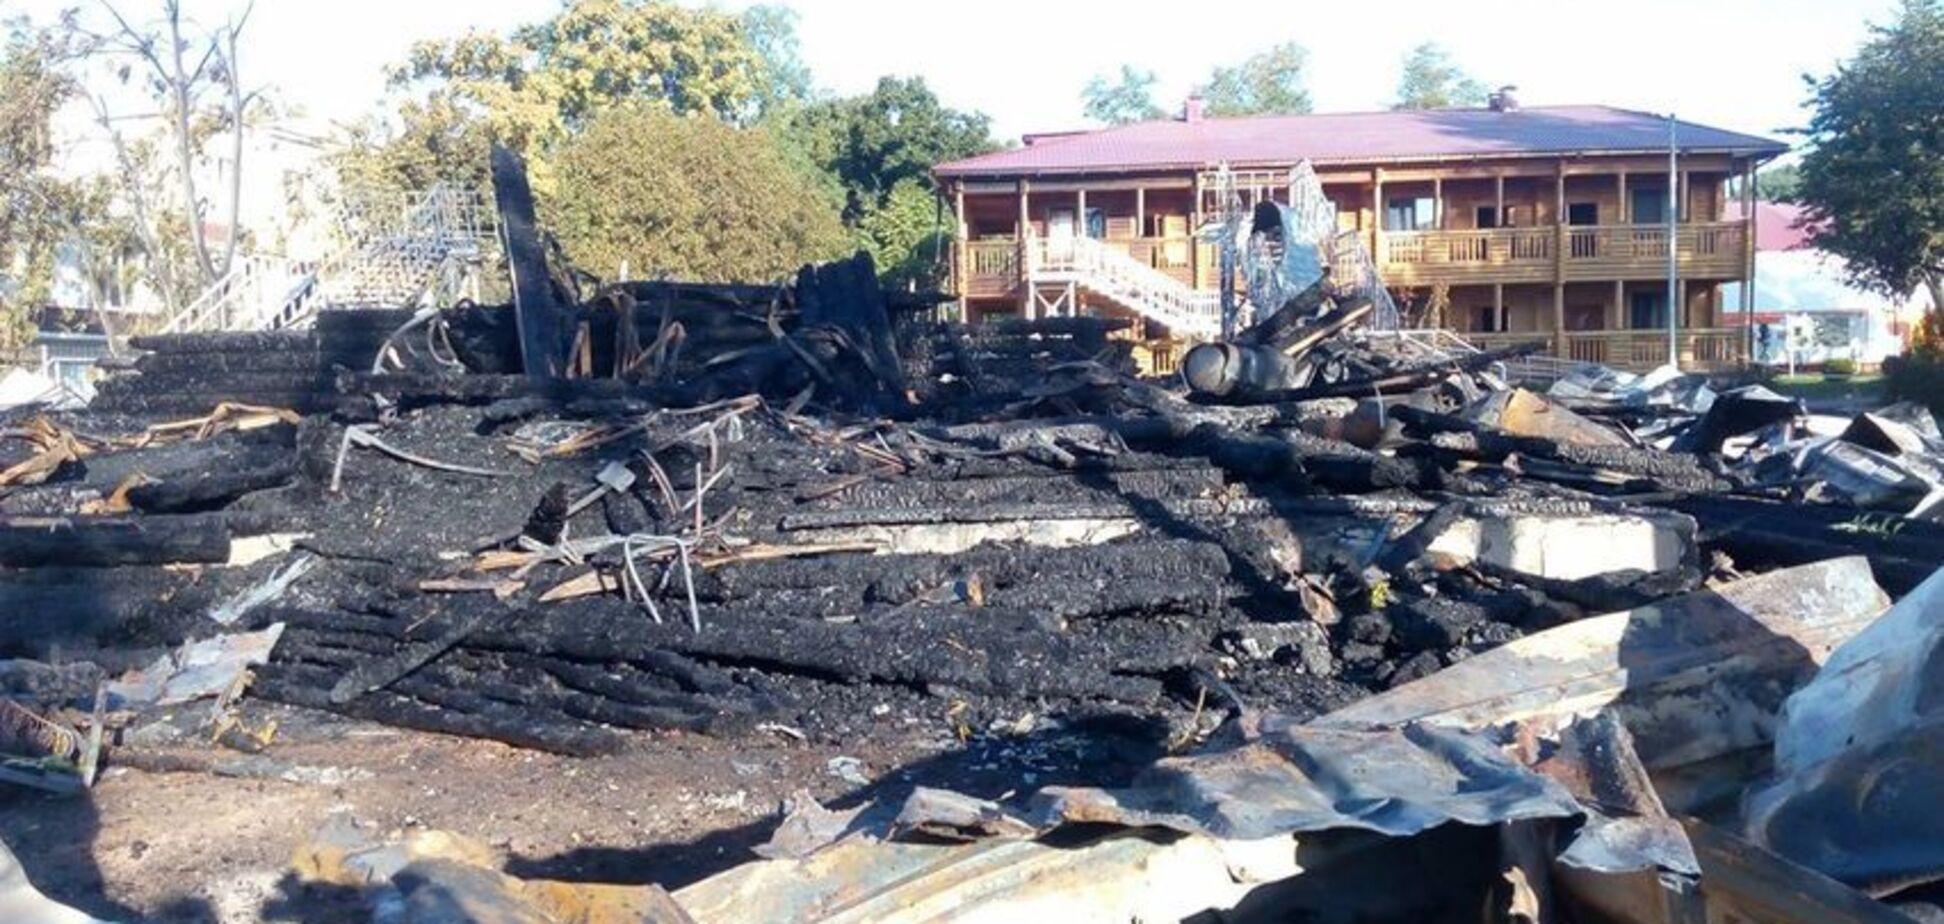 Найдены останки: дело пожара в лагере 'Виктория' получило новый поворот